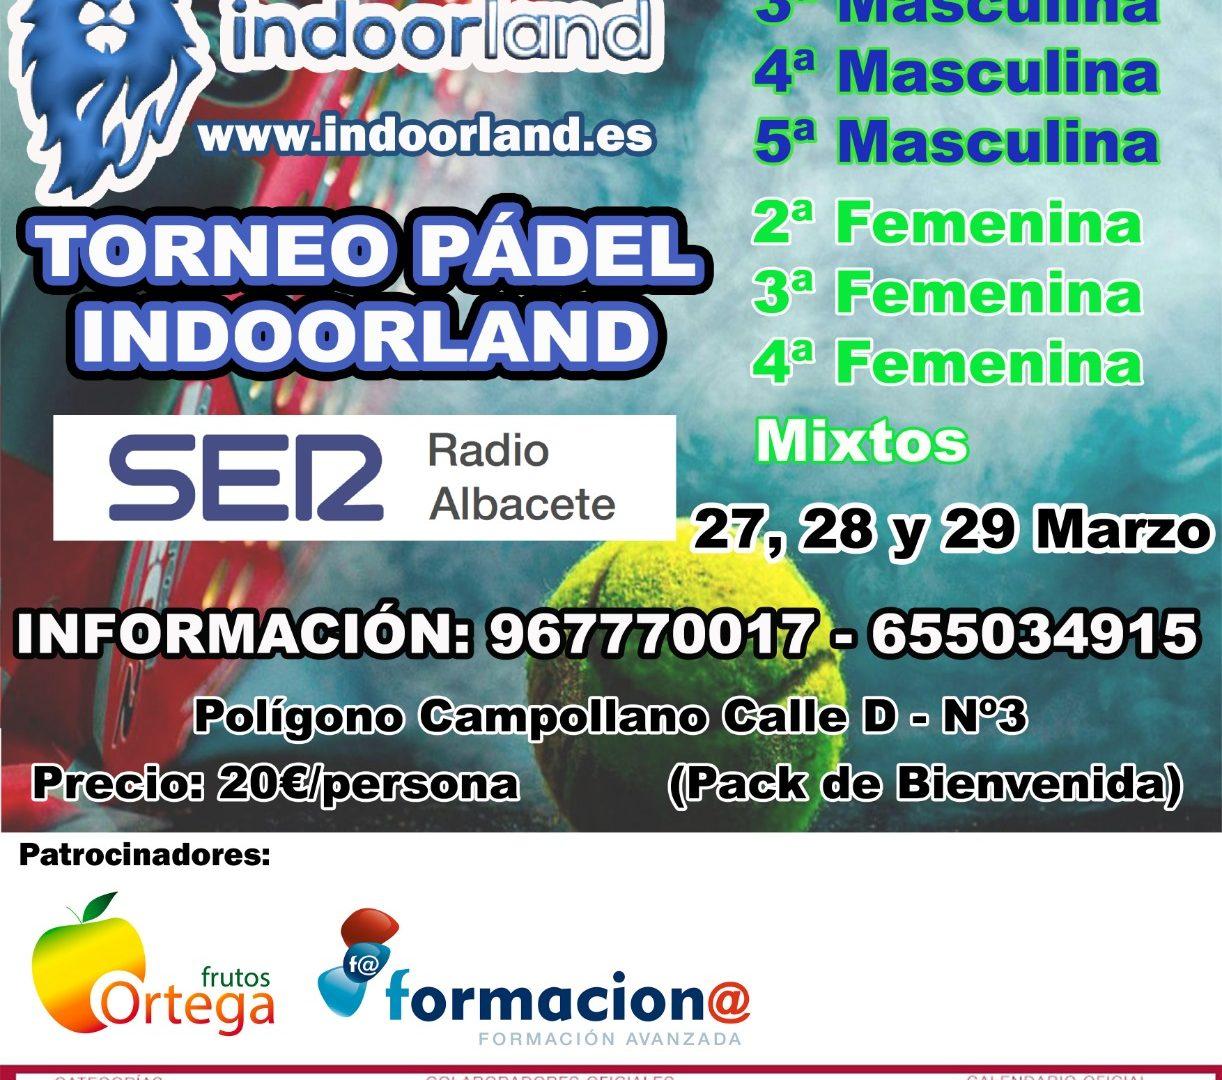 Torneo federado Circuito Provincial de Albacete Indoorland